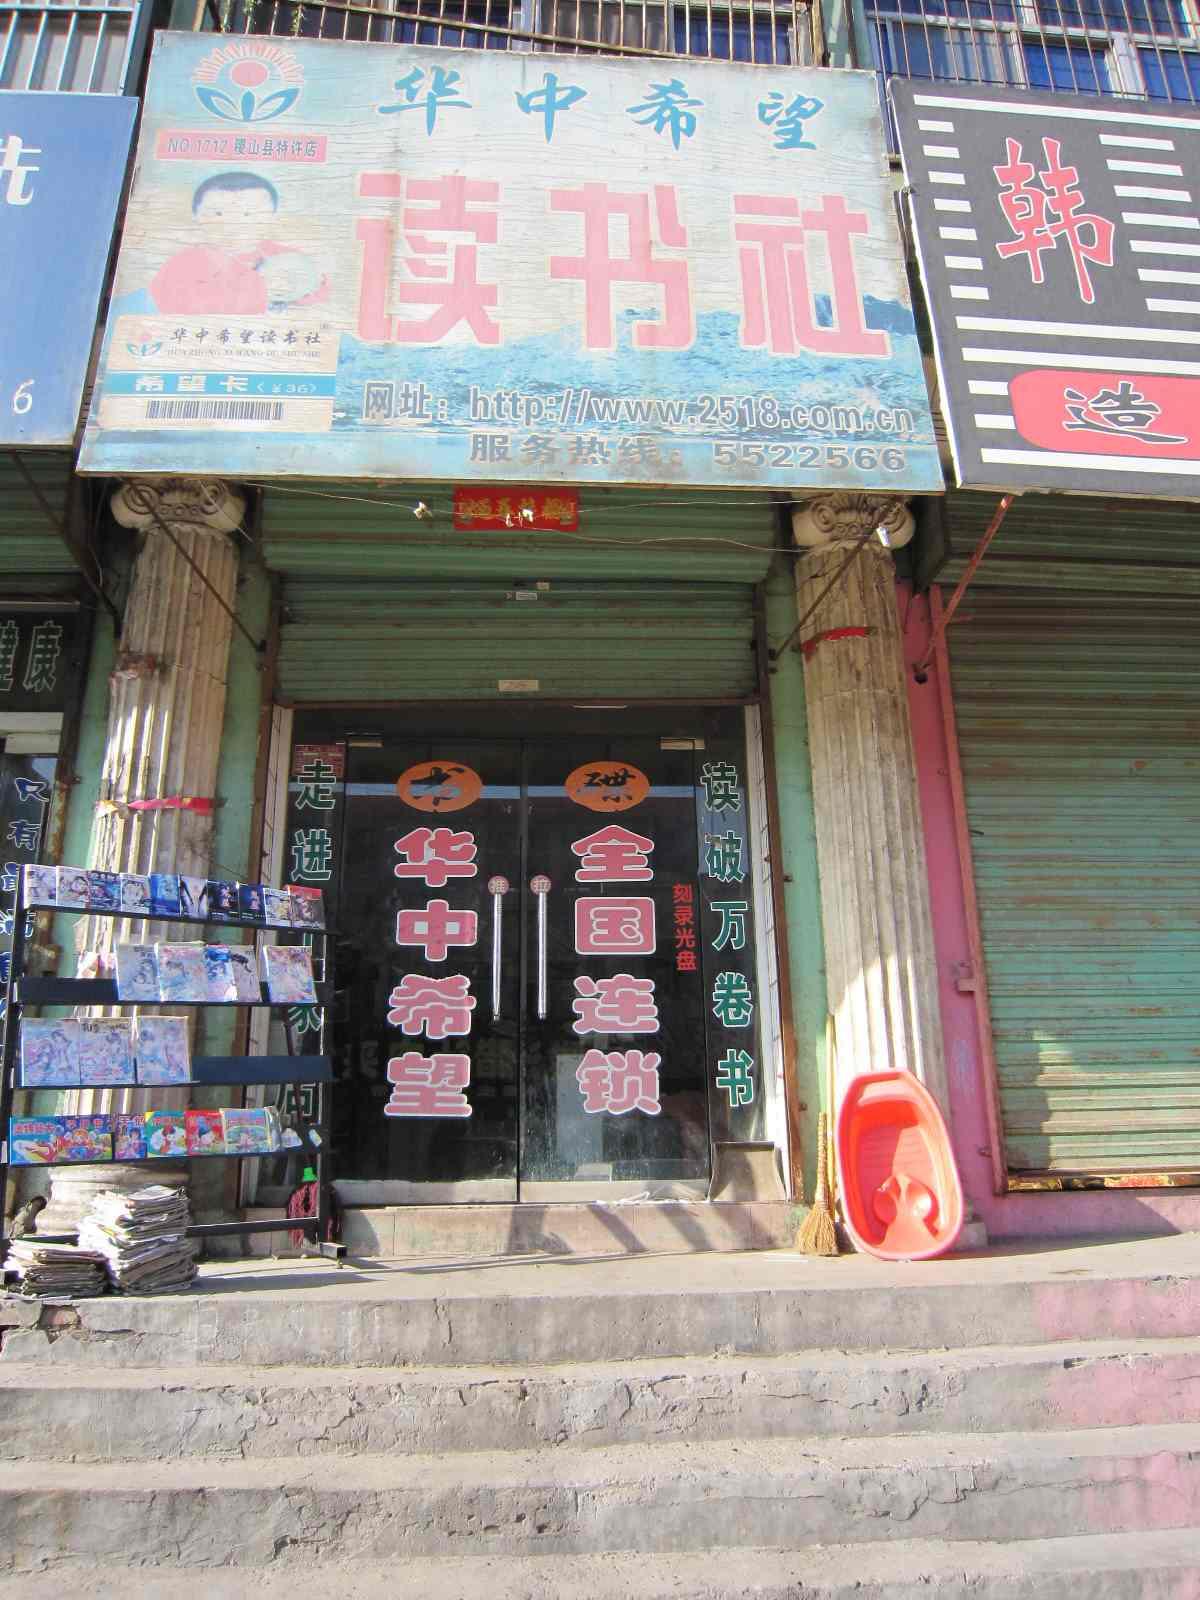 稷山县海尔旗舰店